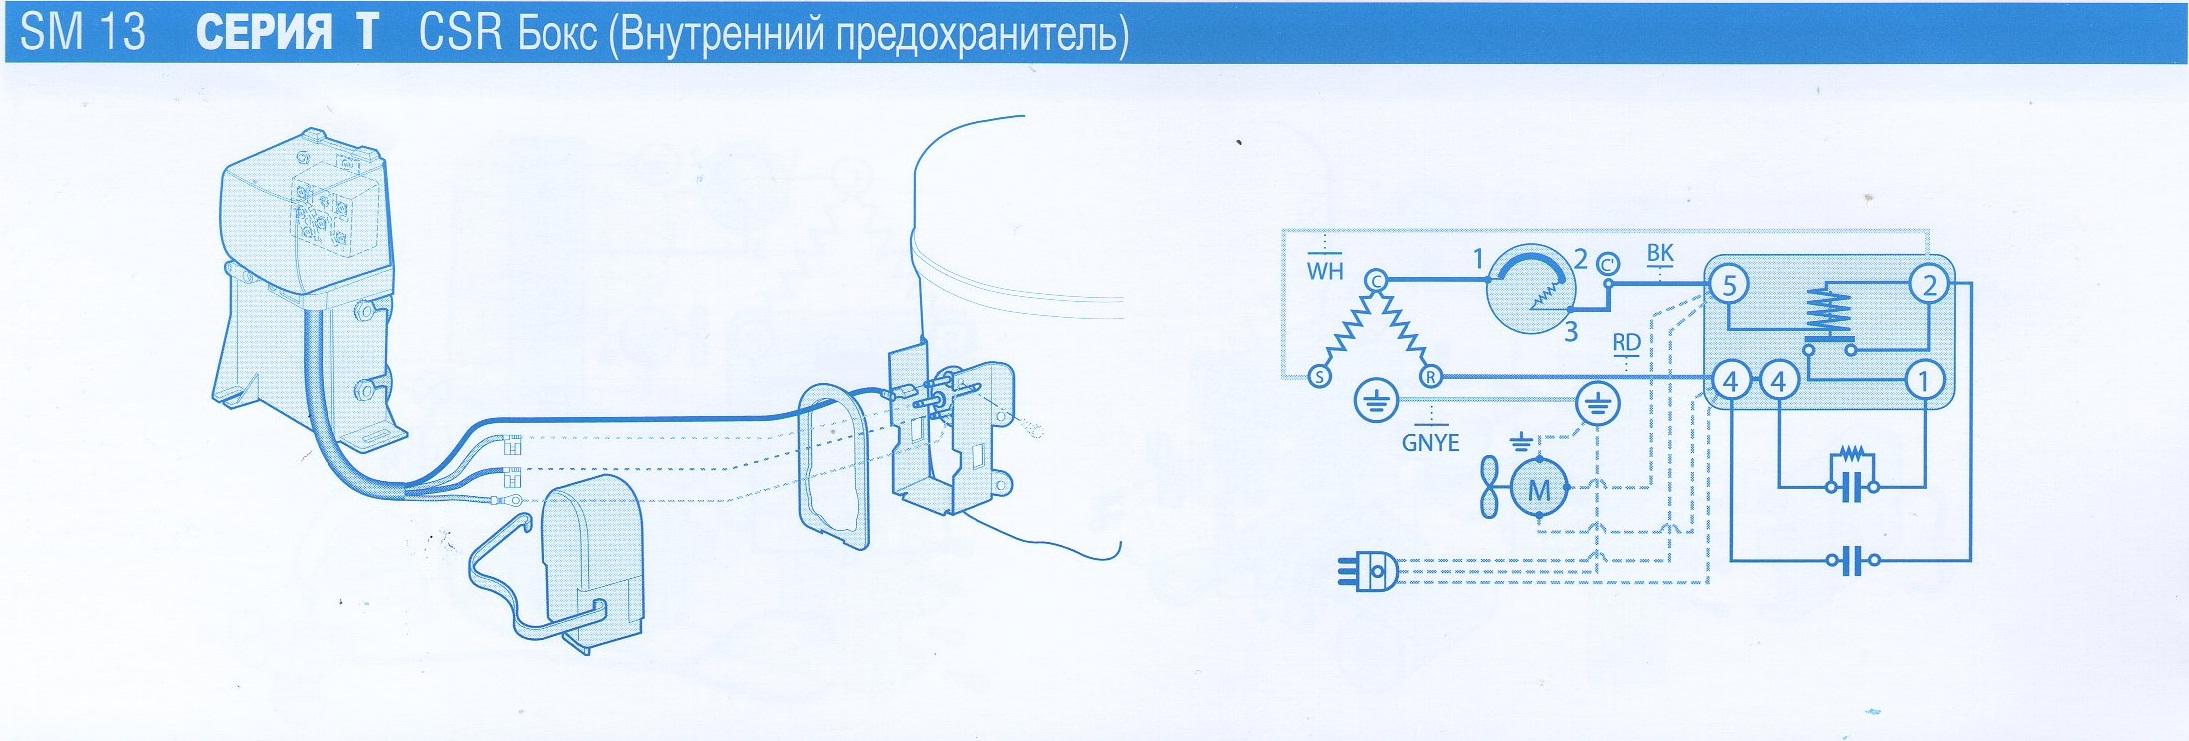 Холодильник полюс 10 схема электрическая